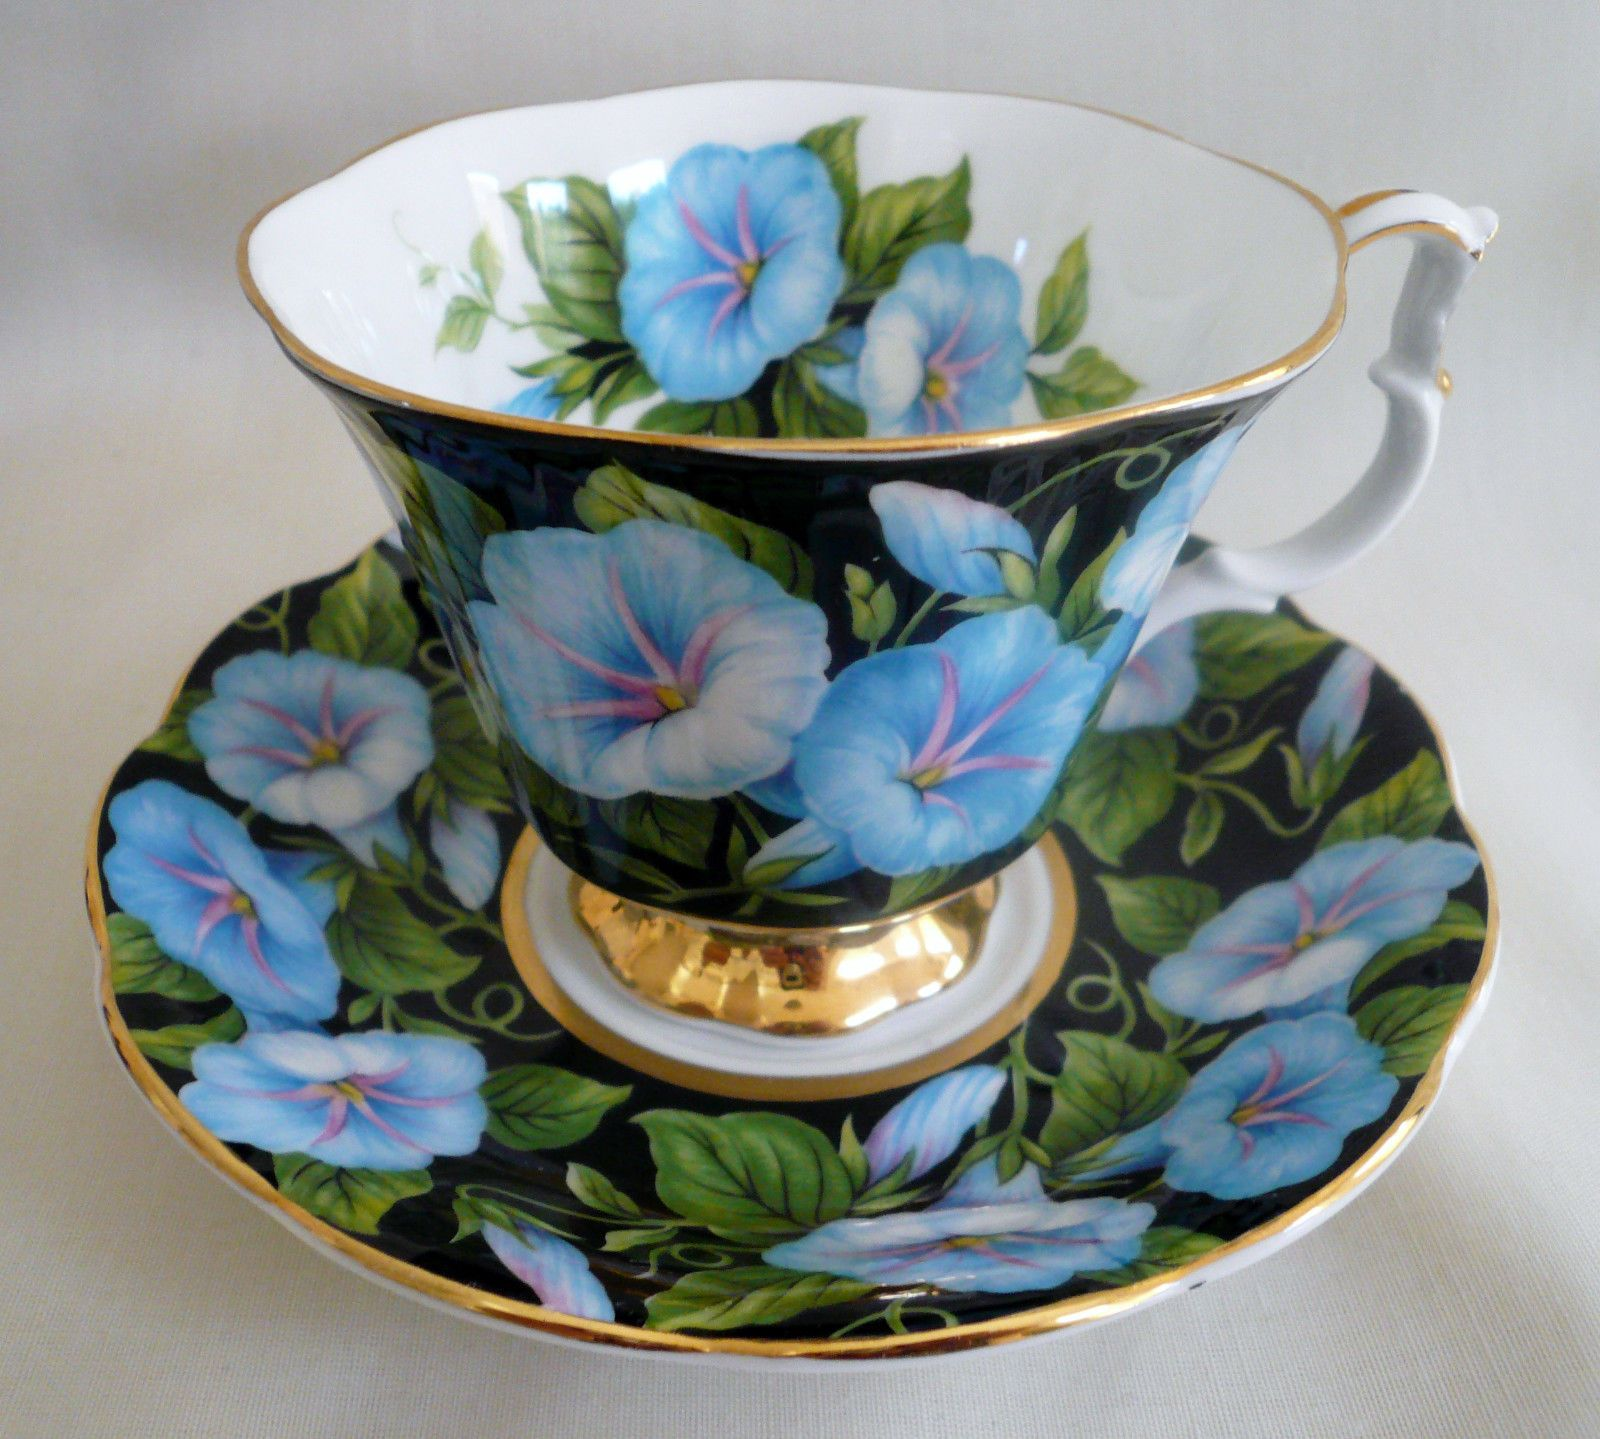 Royal Albert Flora Series Morning Glory Chintz Floral Teacup Cup Saucer Tea Tea Cups Tea Antique Tea Cups